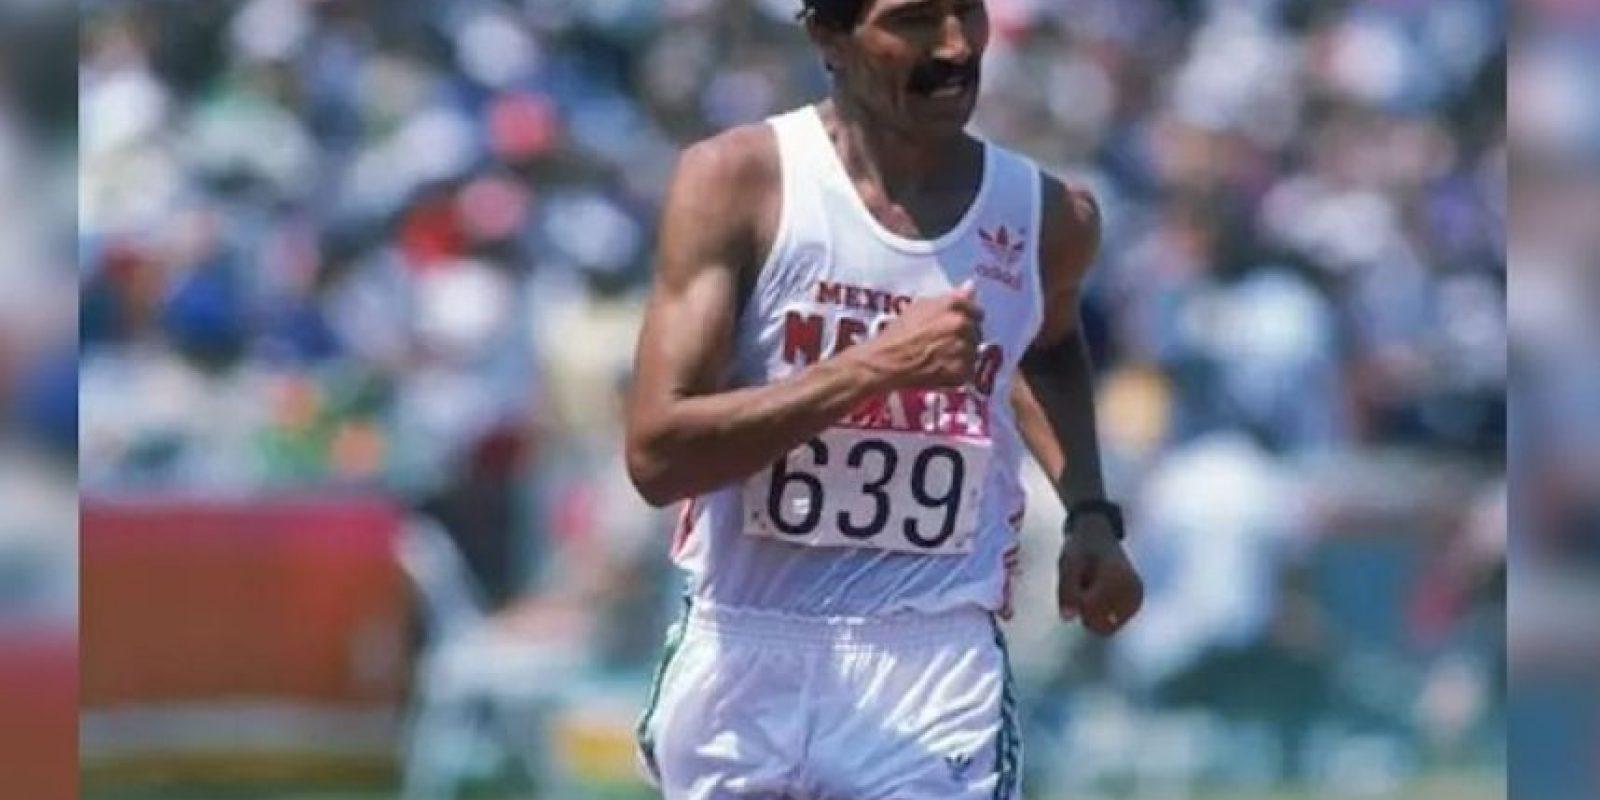 Raúl González, marcha 50 kms, oro; marcha 20 kms plata, Los Ángeles 1984 Foto:Archivo